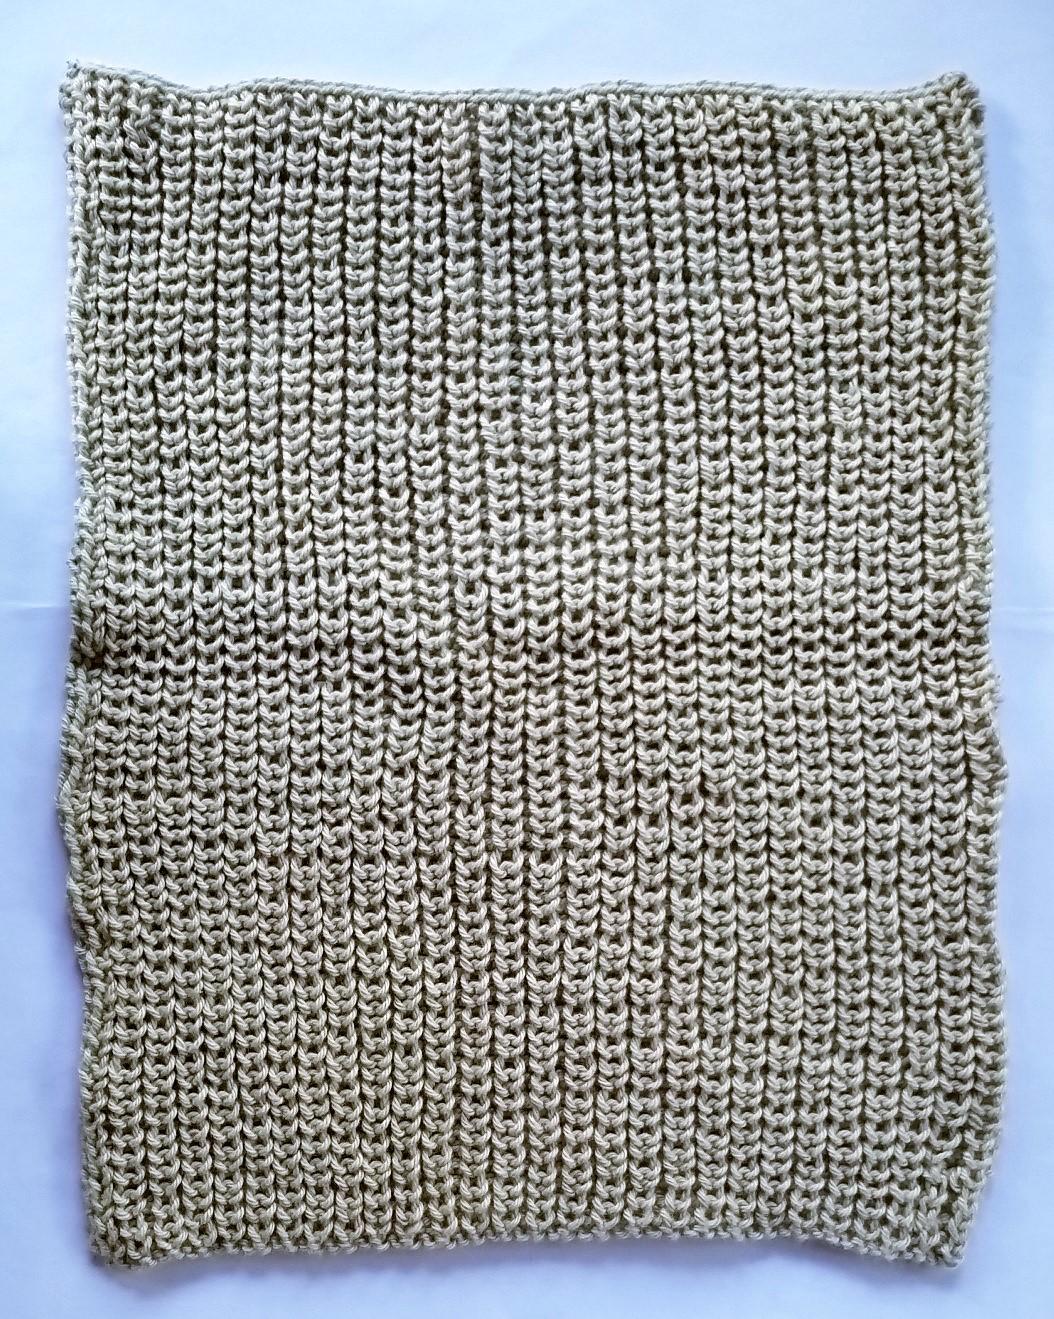 Halvpatent billed af halvpatent strikket vaskeklud